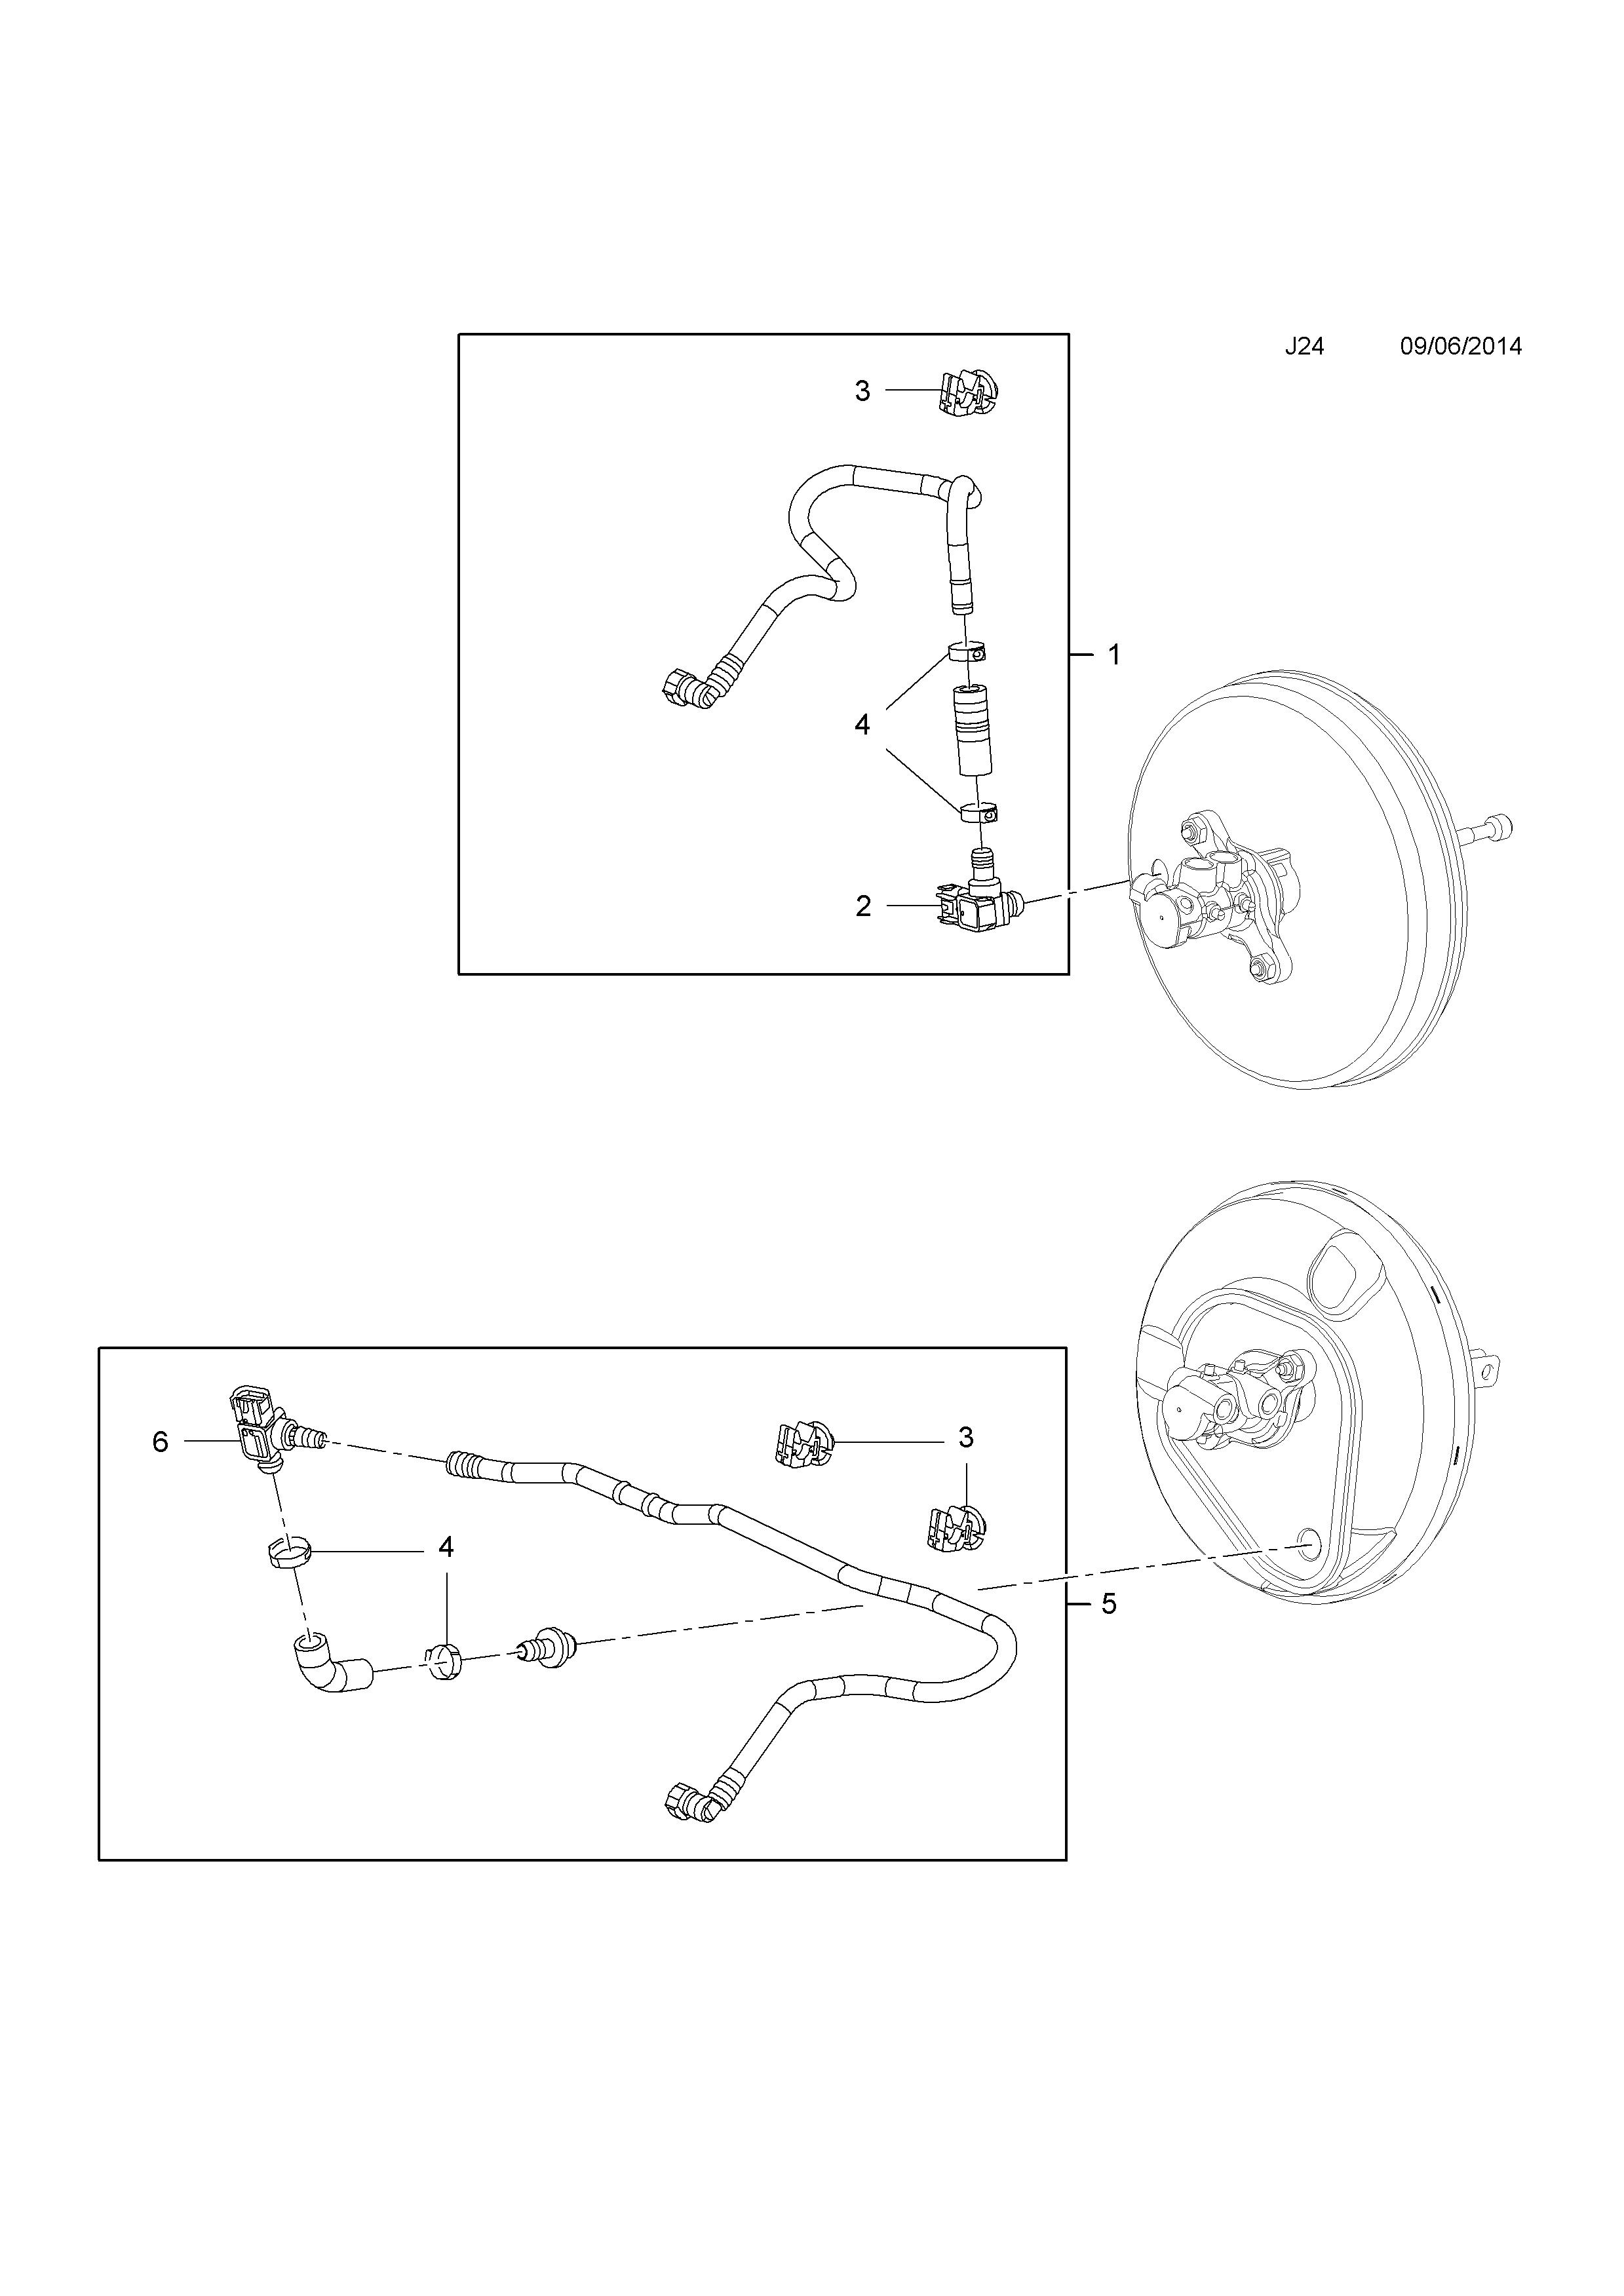 vacuum diagram 984 firebird data wiring diagram blog vacuum diagram 984 firebird wiring diagram essig small block chevy vacuum diagrams vacuum diagram 984 firebird